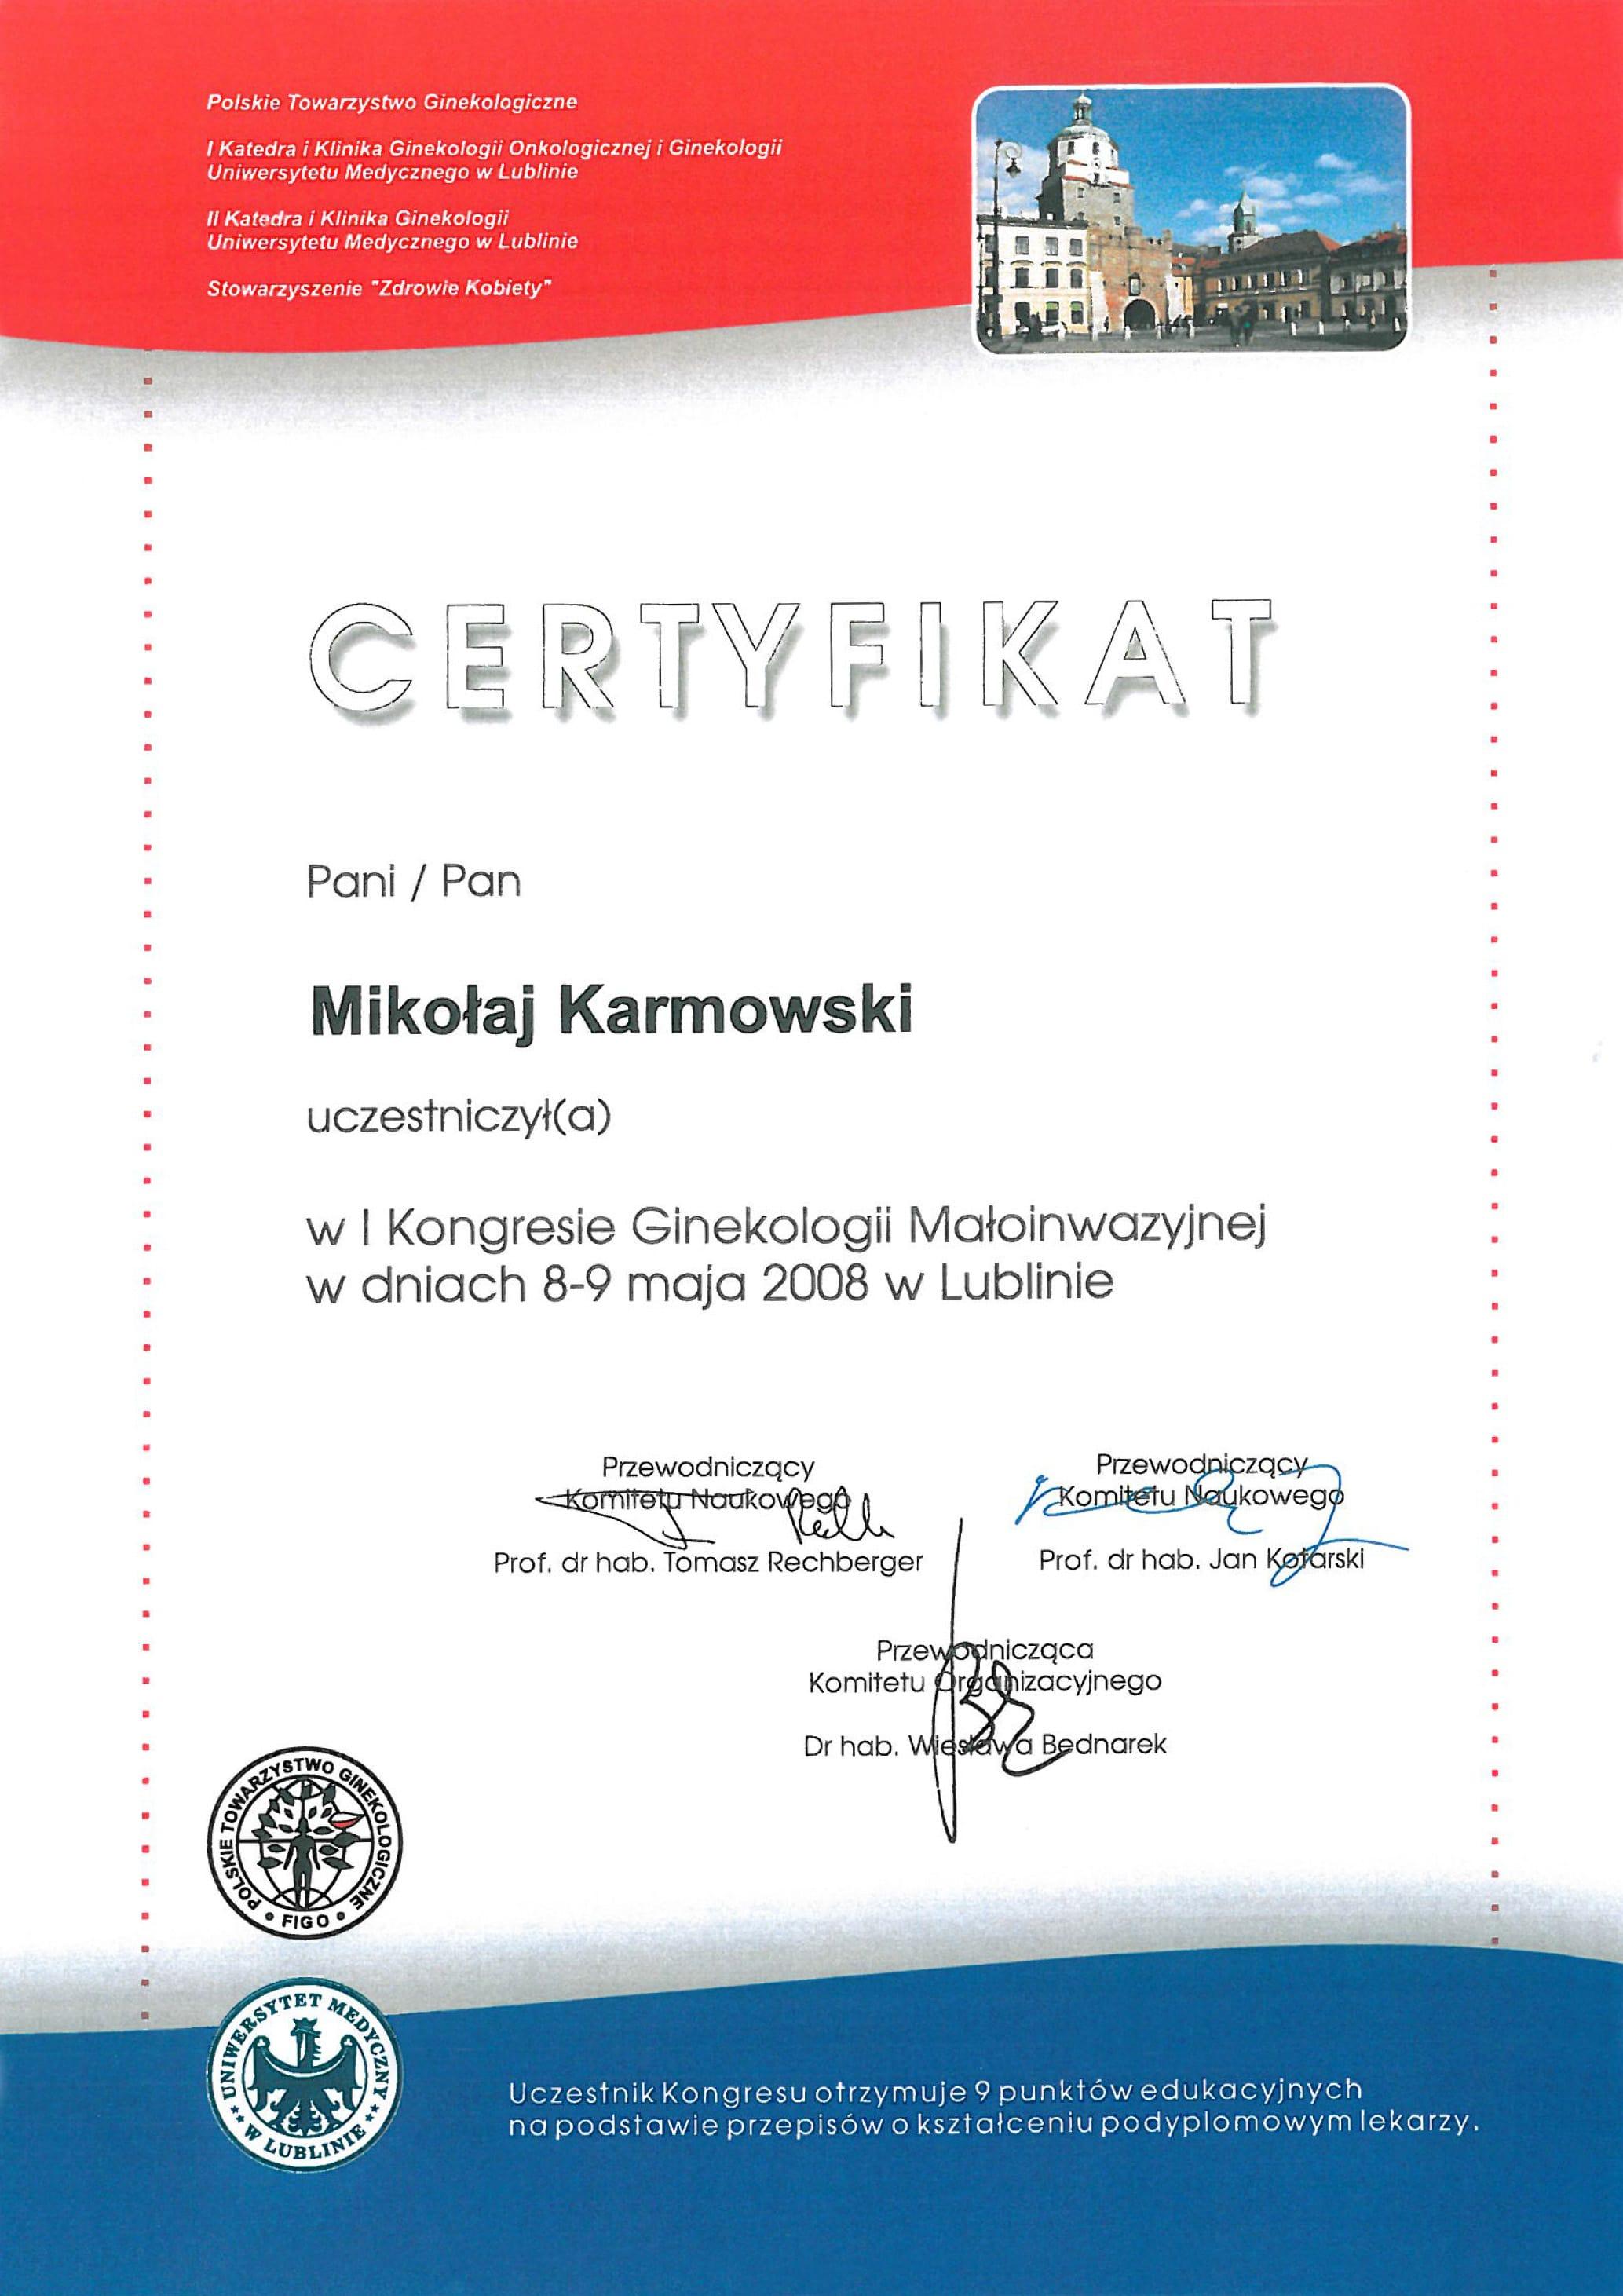 Mikołaj Karmowski certyfikat kongres ginekologii małoinwazyjnej